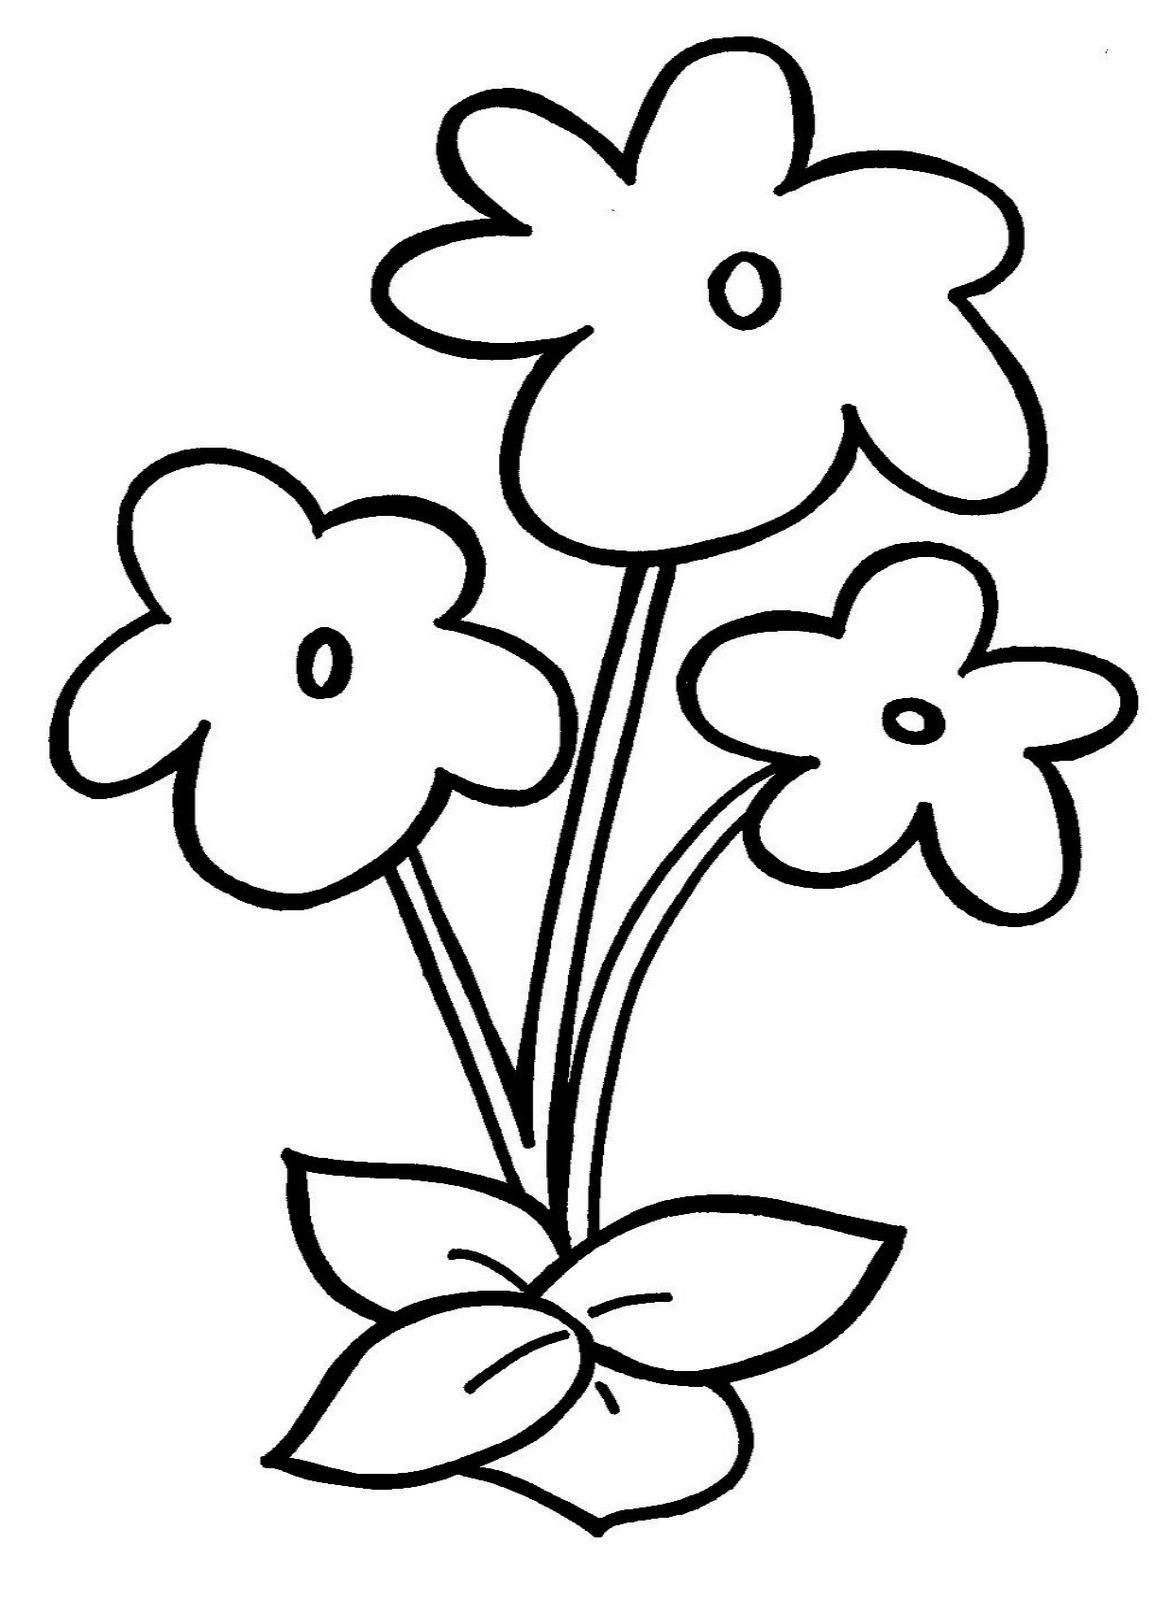 Картинки, цветы картинки раскраски для детей черно белые распечатать